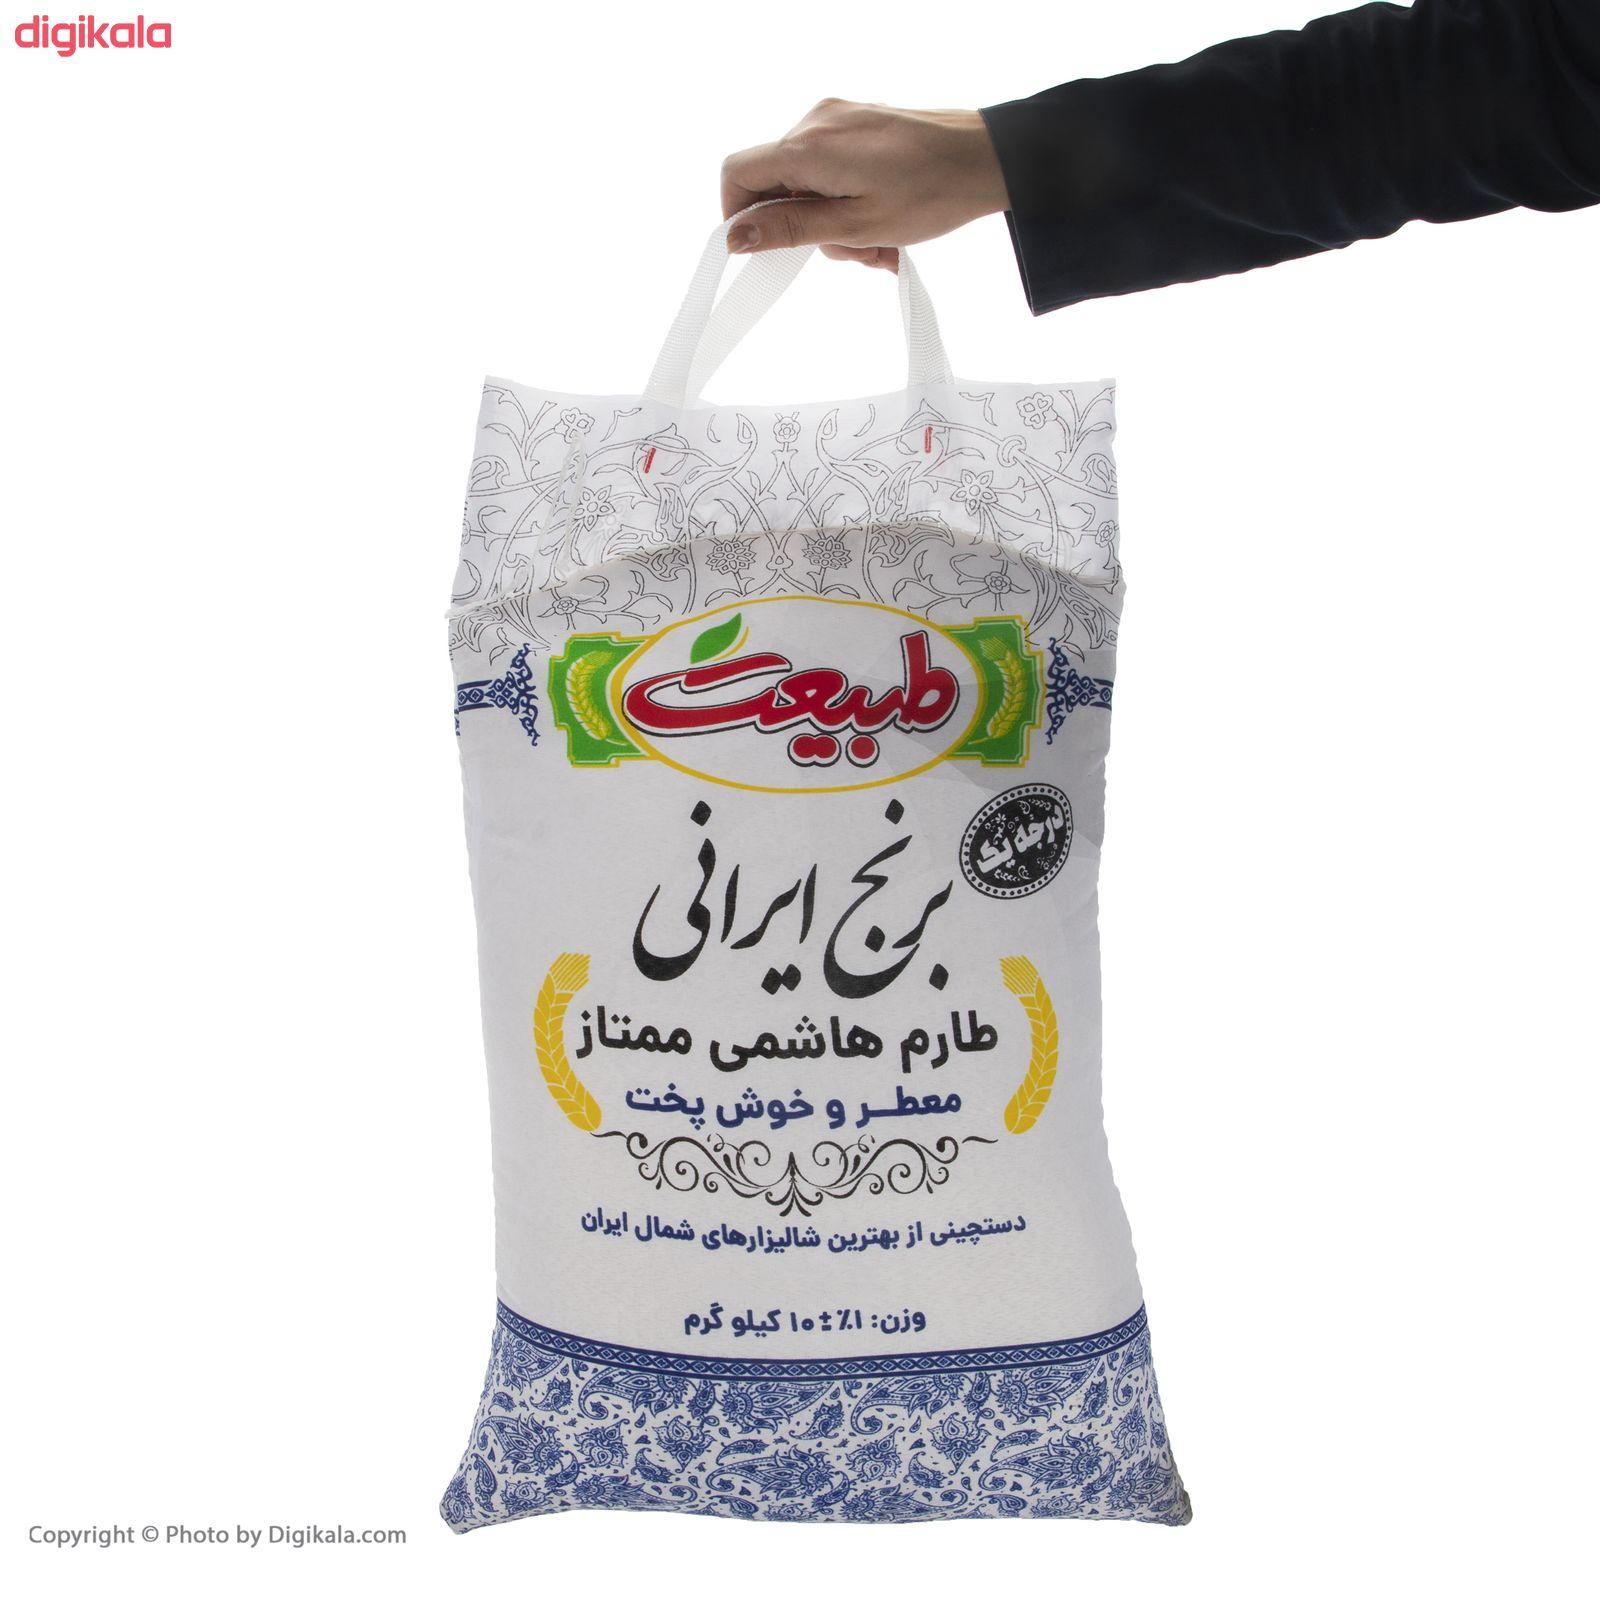 برنج طارم هاشمی ممتاز طبیعت - 10 کیلوگرم main 1 3